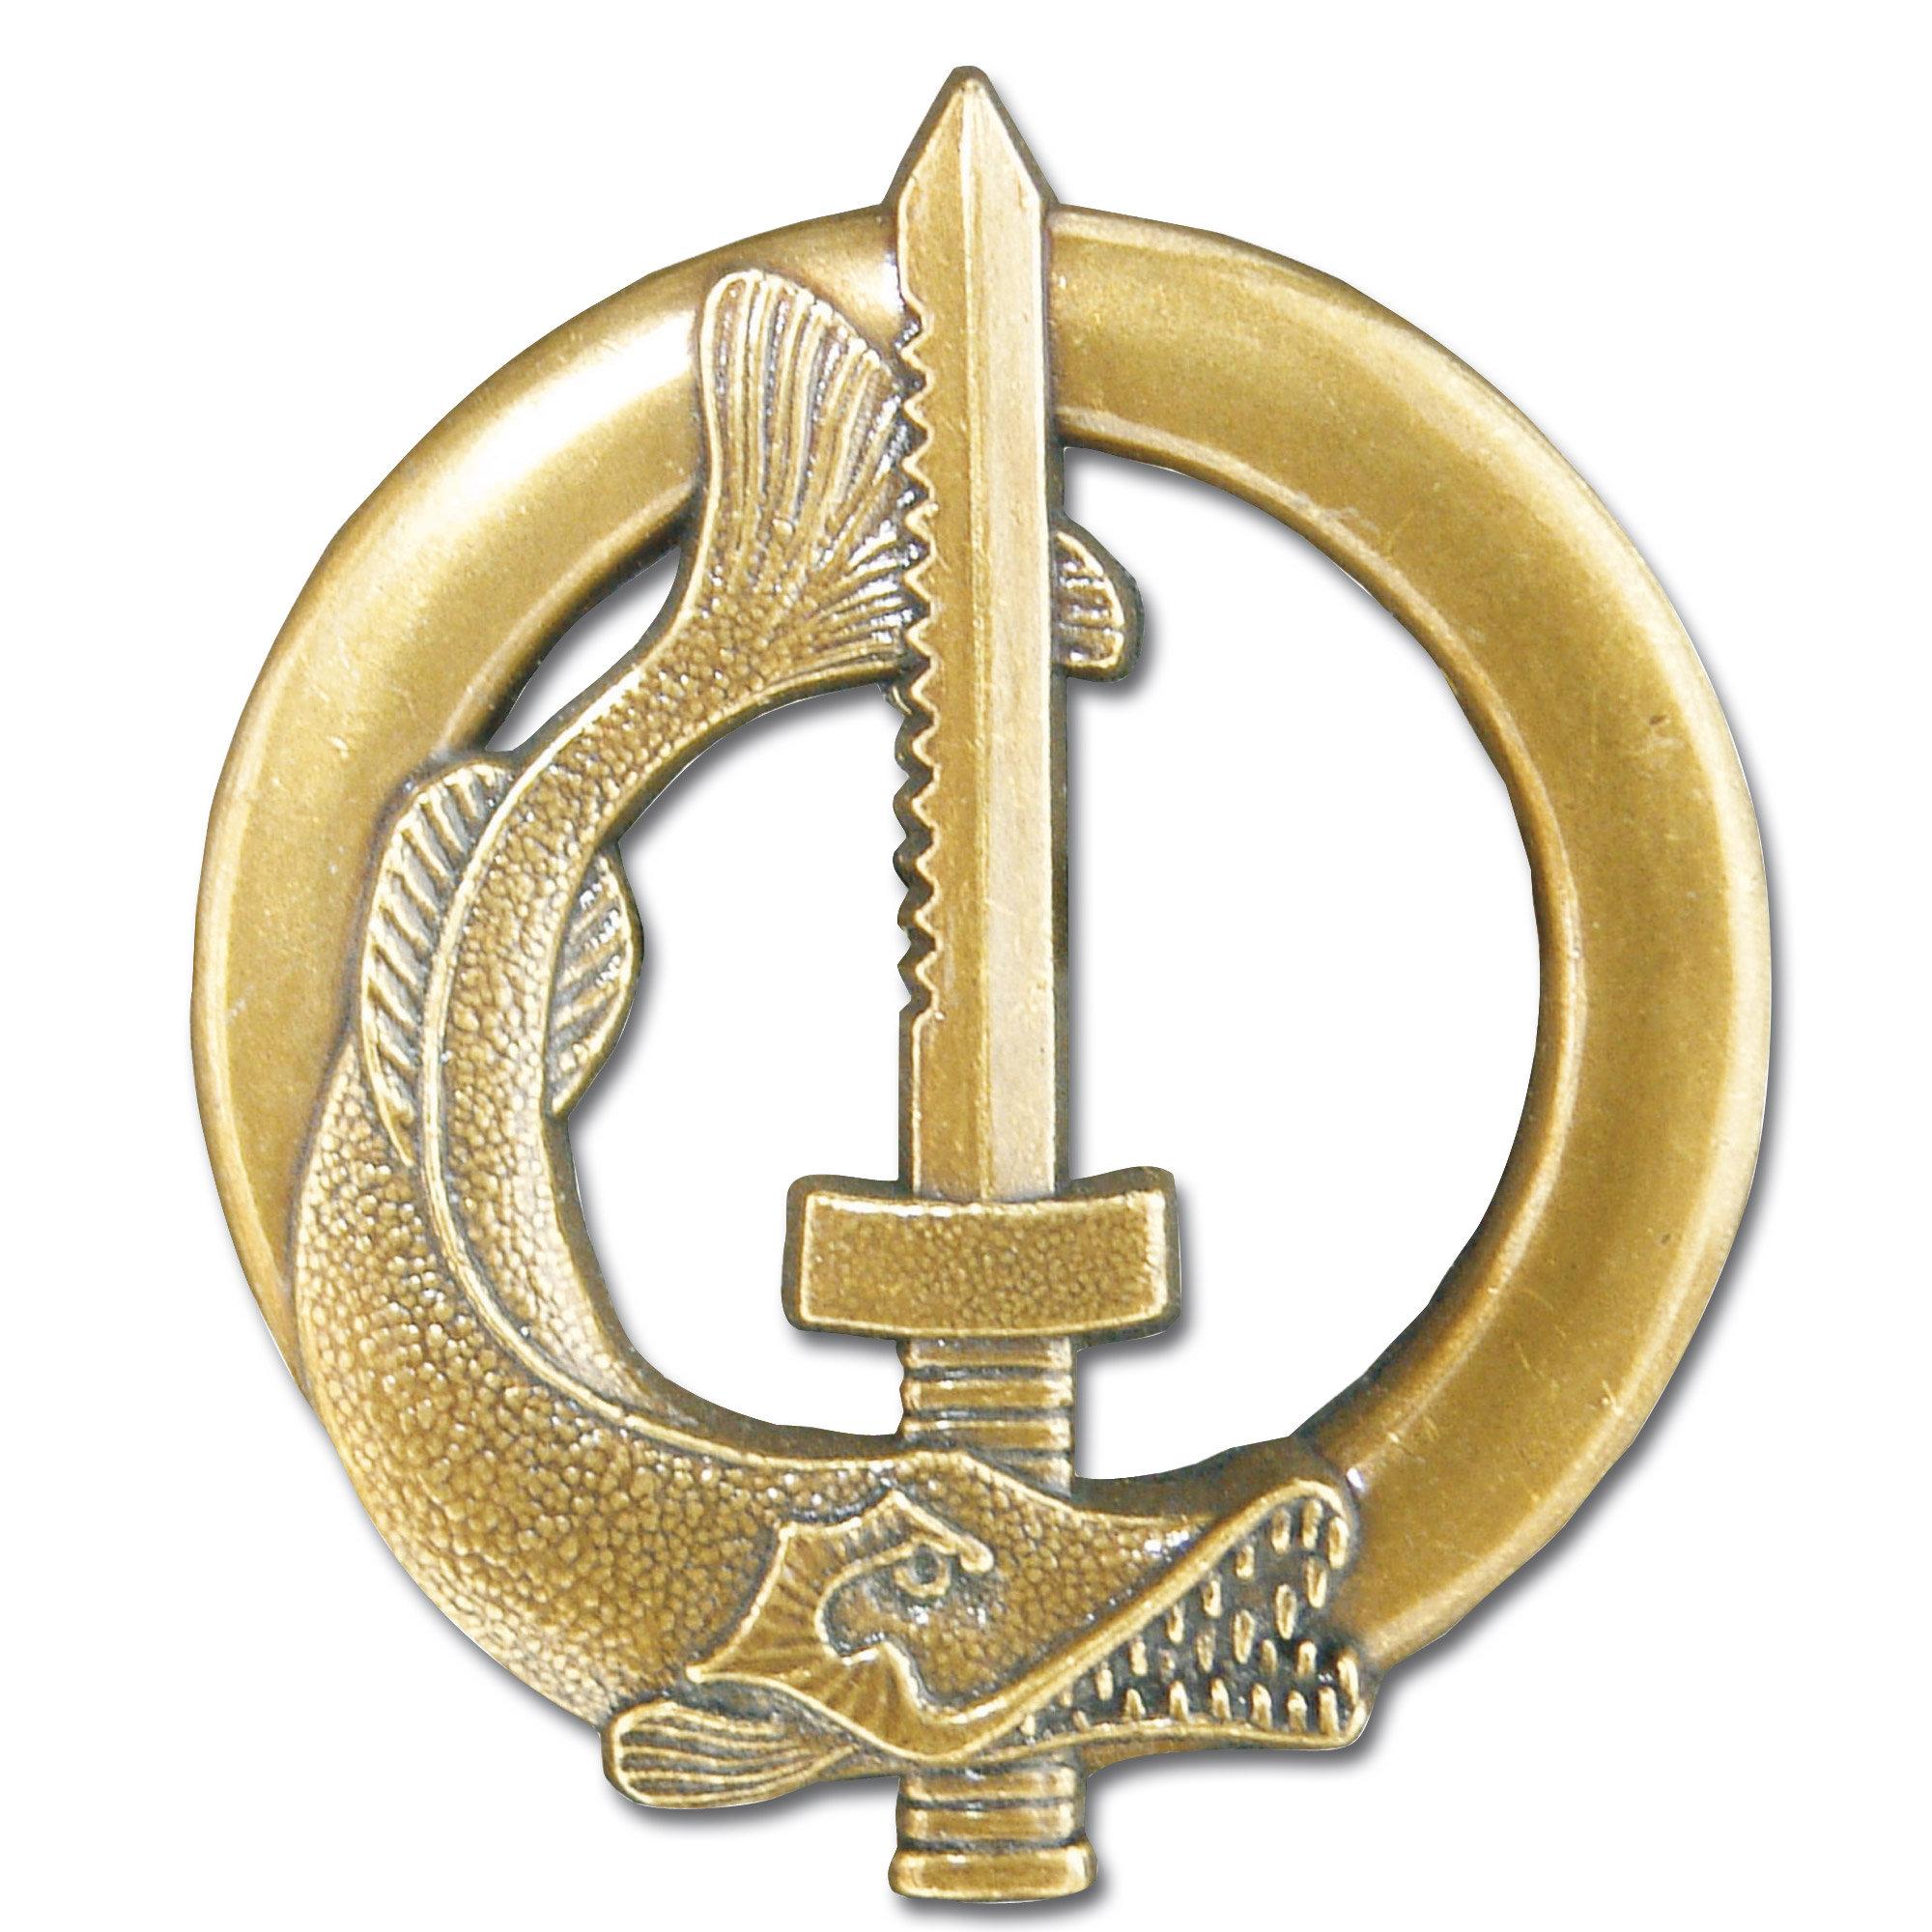 French metall insignia Subaquatique